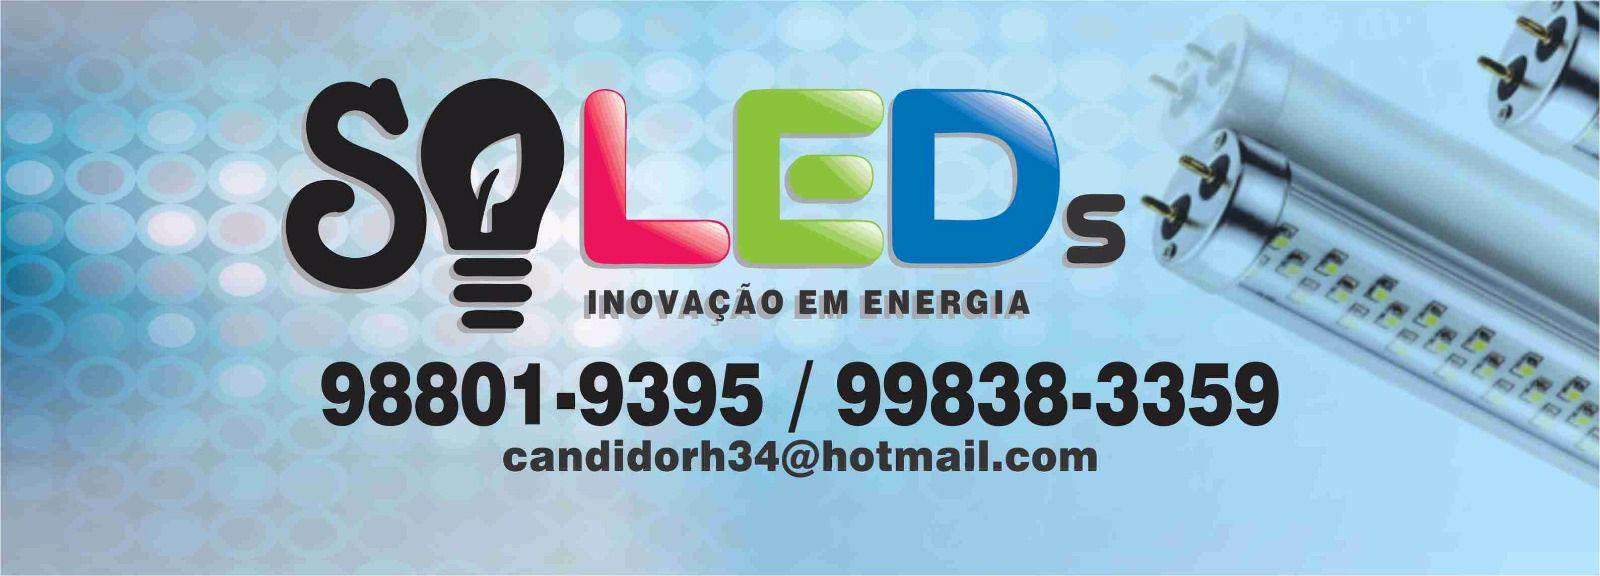 SÓ LEDS - INOVAÇÃO EM ENERGIA